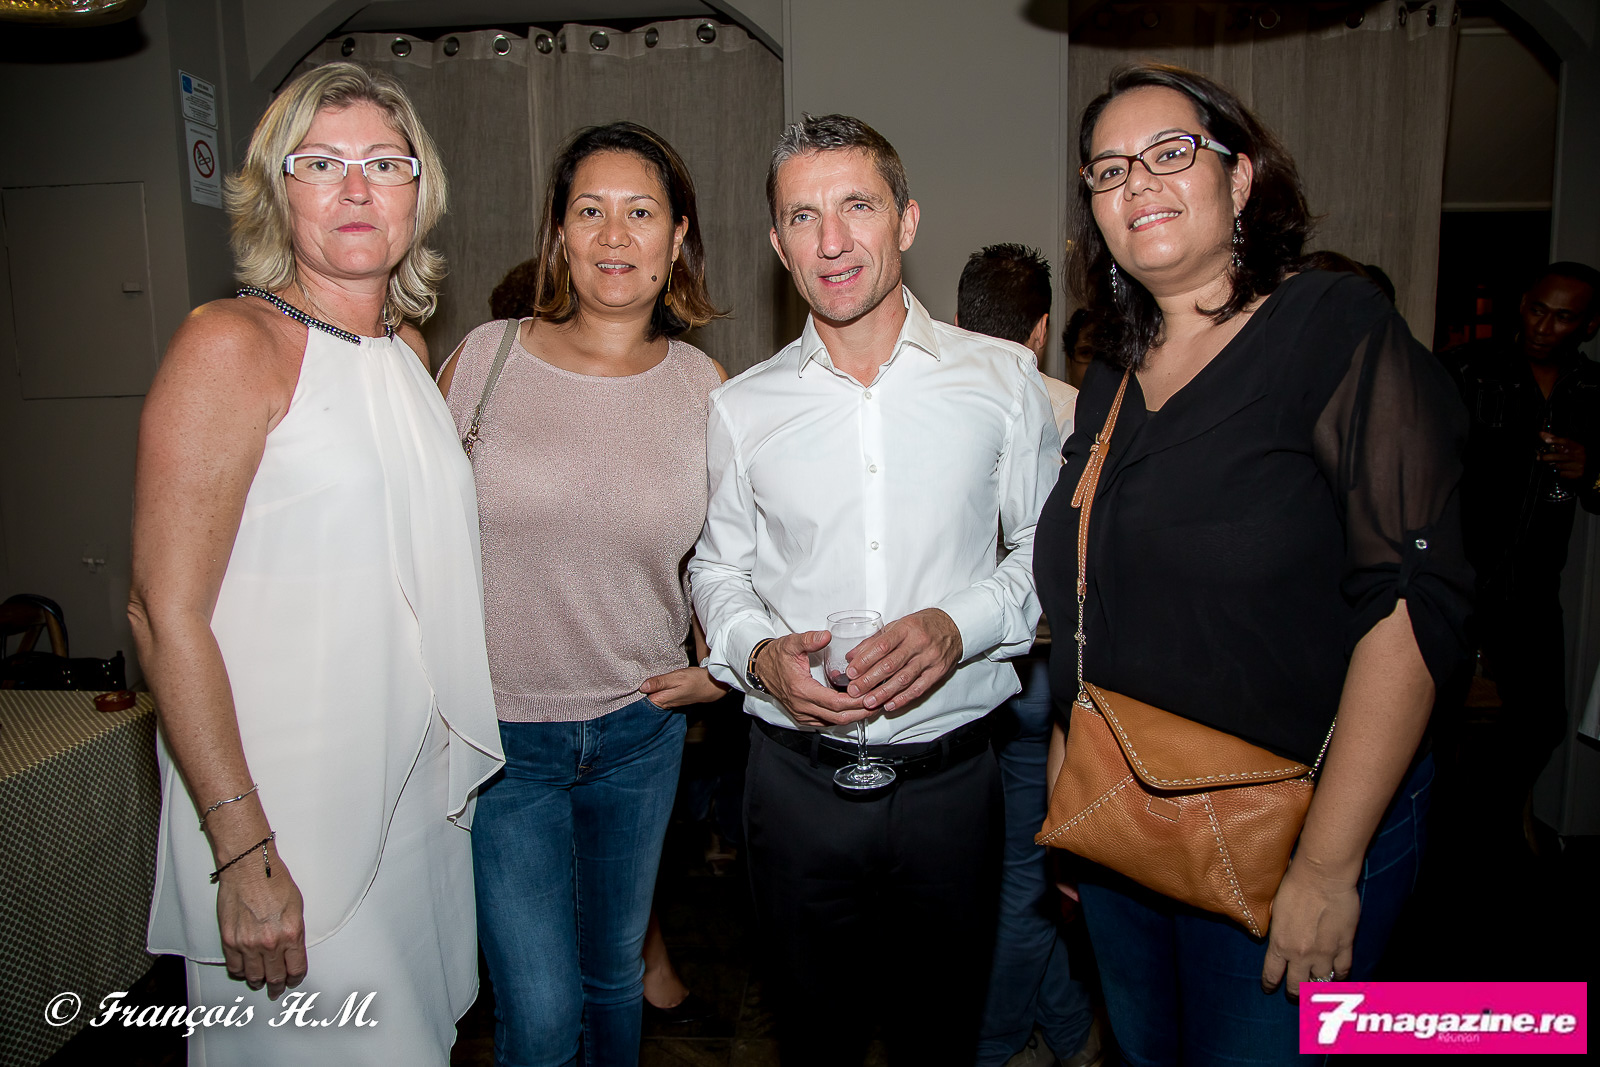 Véronique Marcy d'April Partenaires Réunion, Elodie Wan Hoi de Wan HoiAssurances, Michel Petiot, et Sandrine Wan Hoi de Wan HoiAssurances